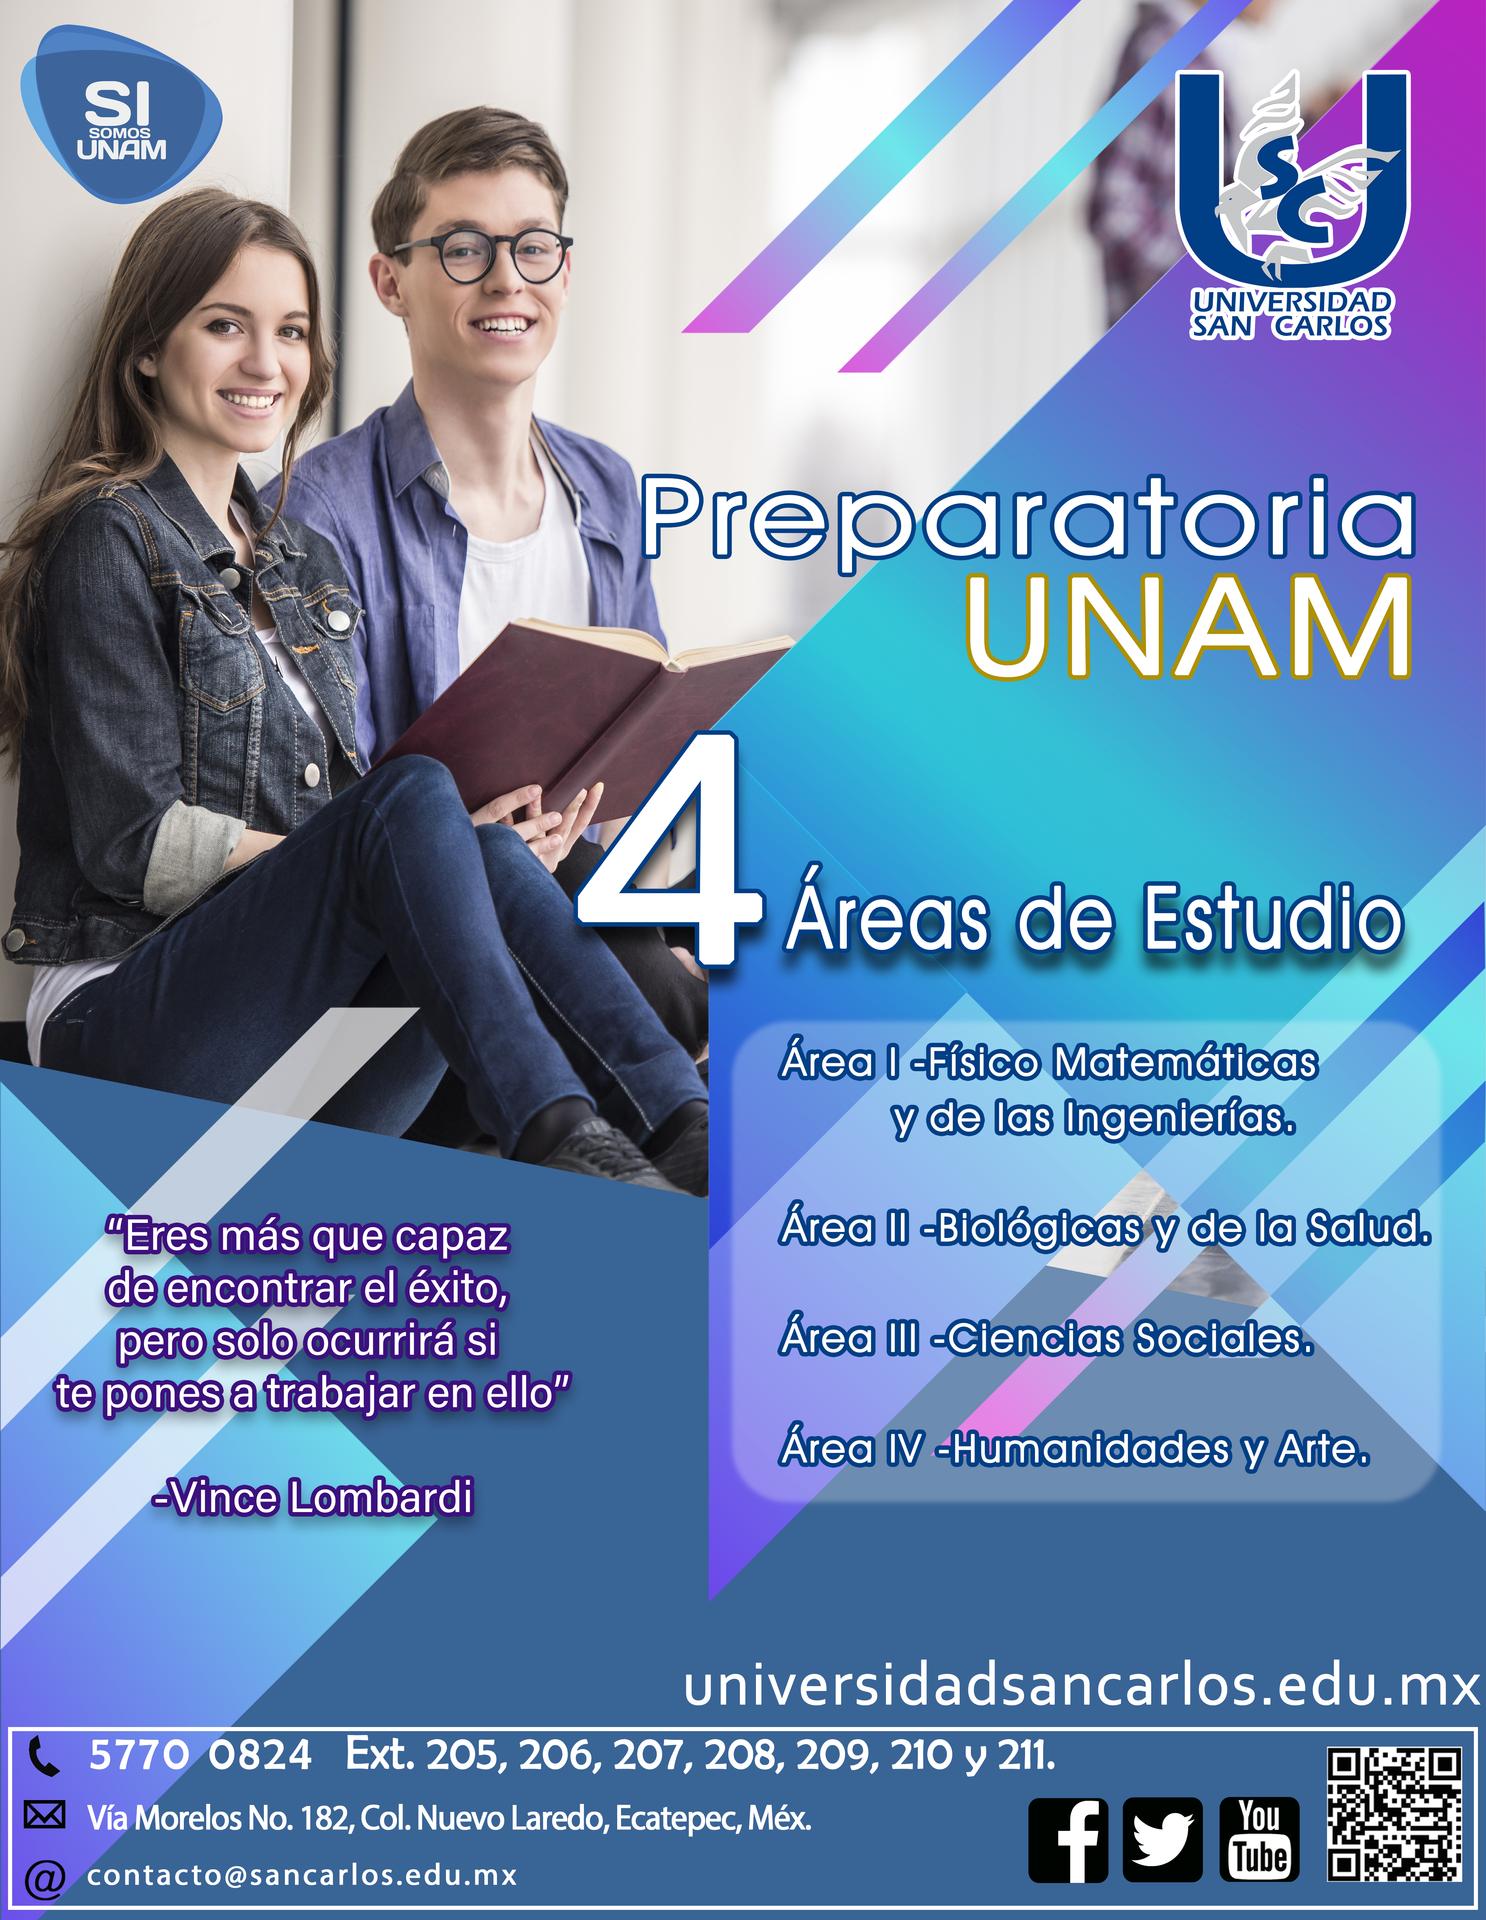 Incorporación Preparatoria UNAM, Universidad San Carlos